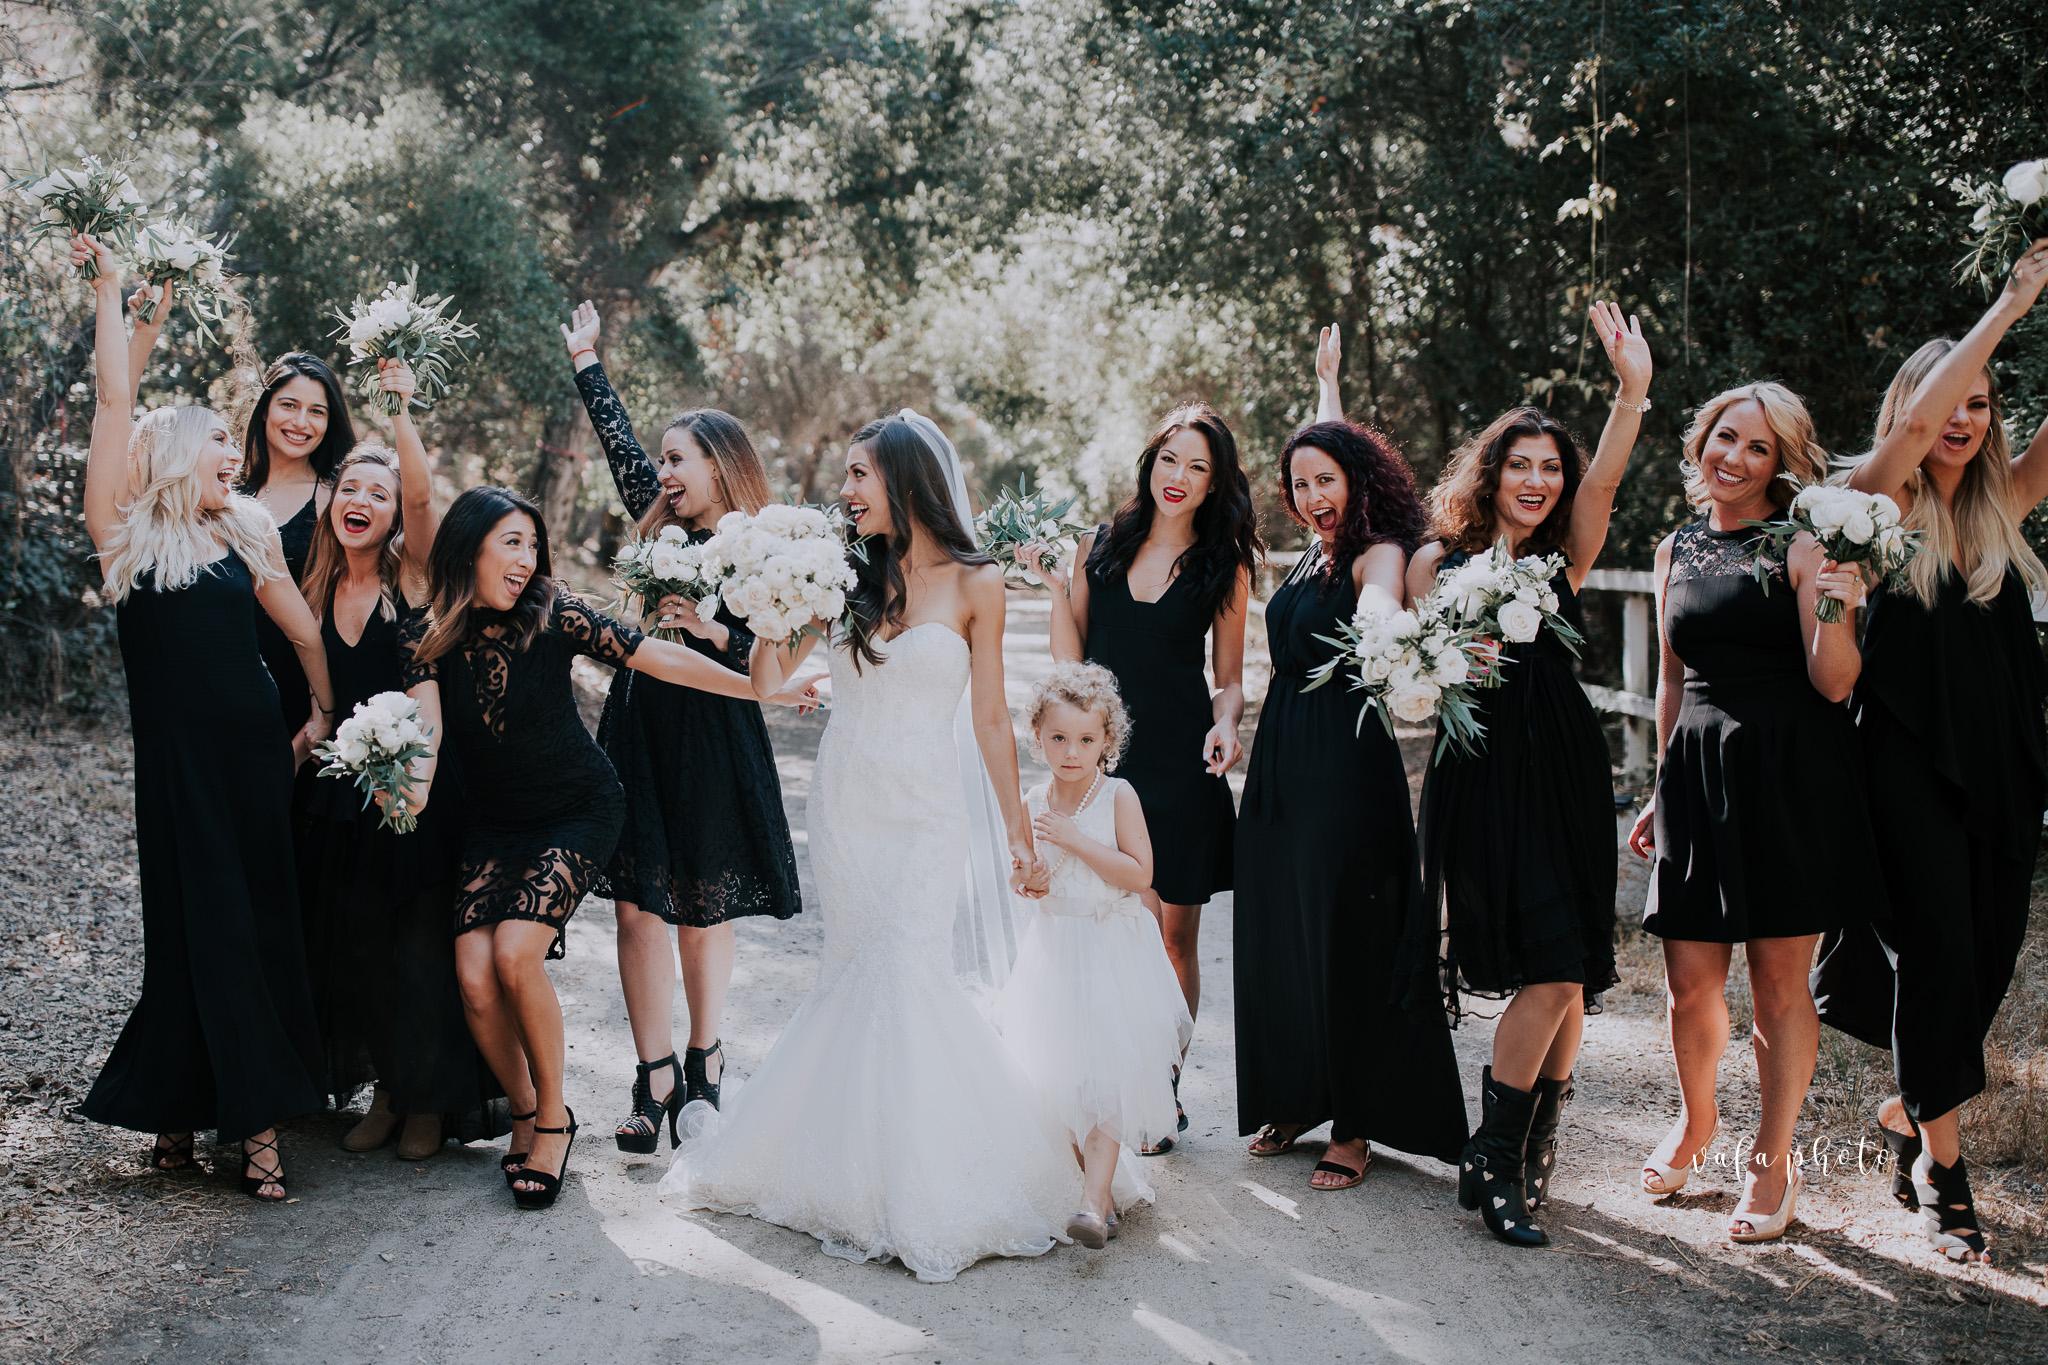 Southern-California-Wedding-Britt-Nilsson-Jeremy-Byrne-Vafa-Photo-269.jpg